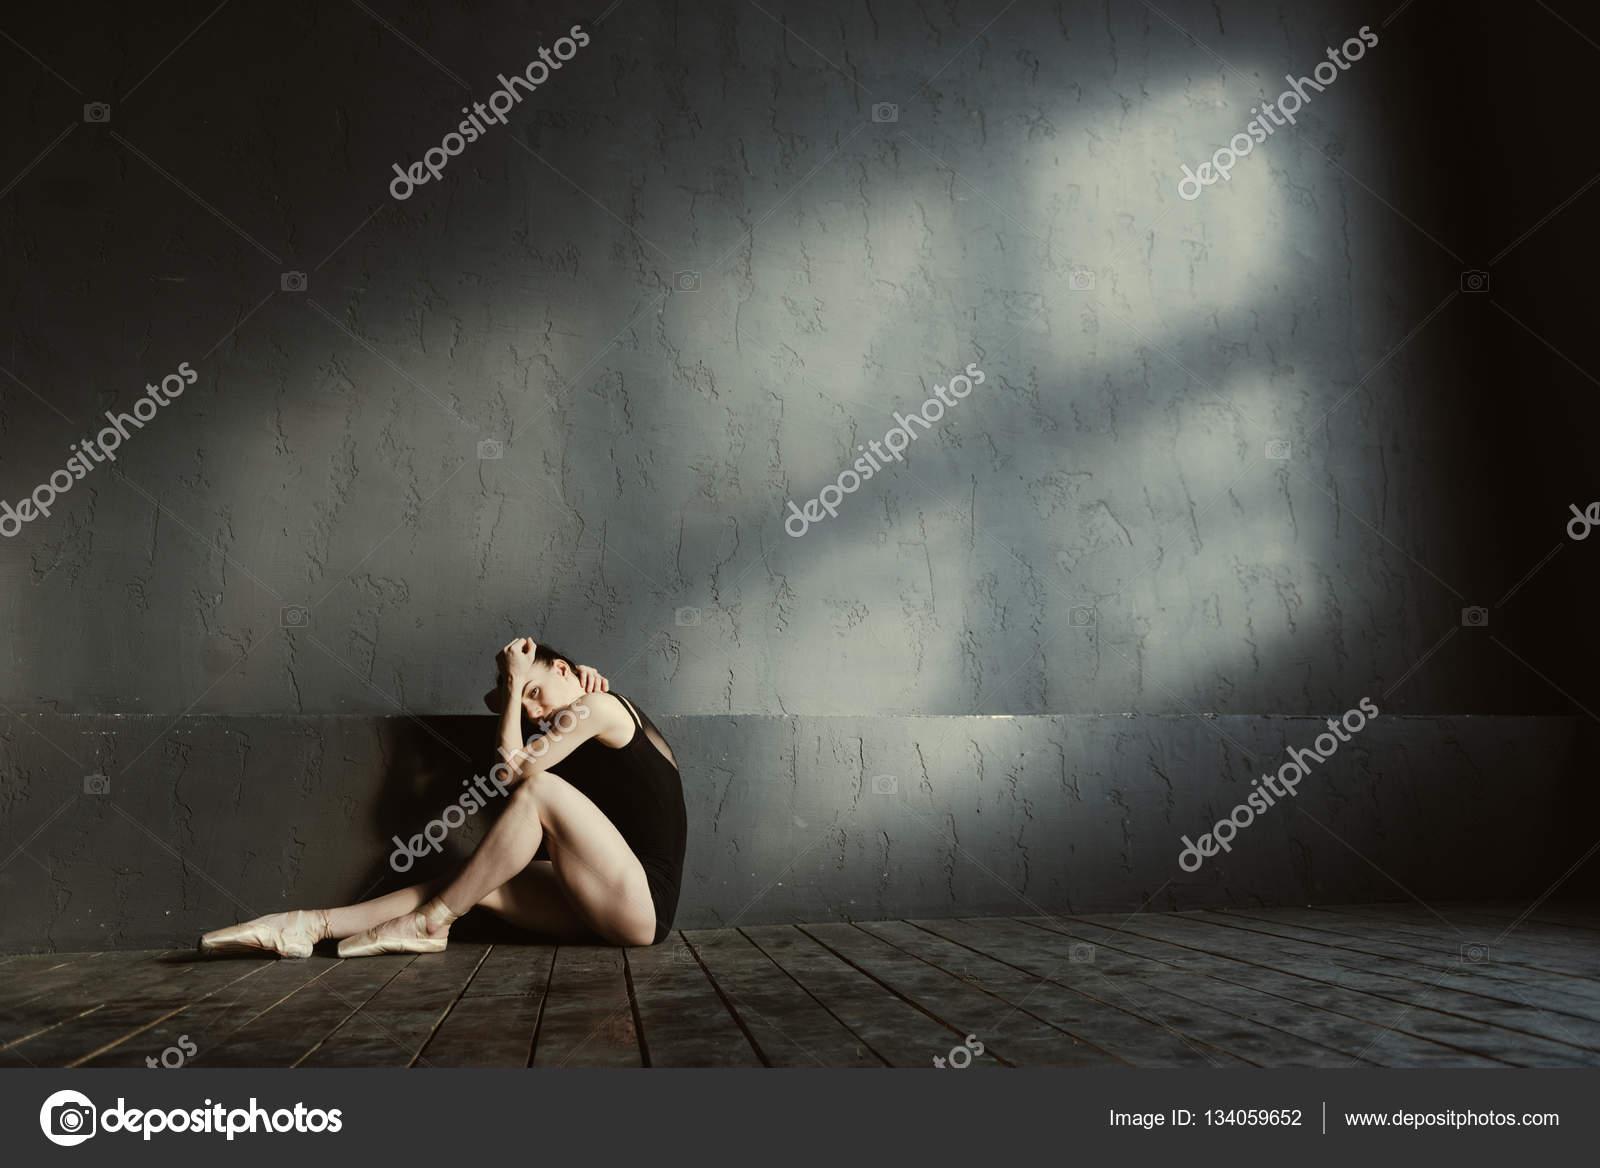 Boos jonge turnster zitten in het donker verlichte kamer